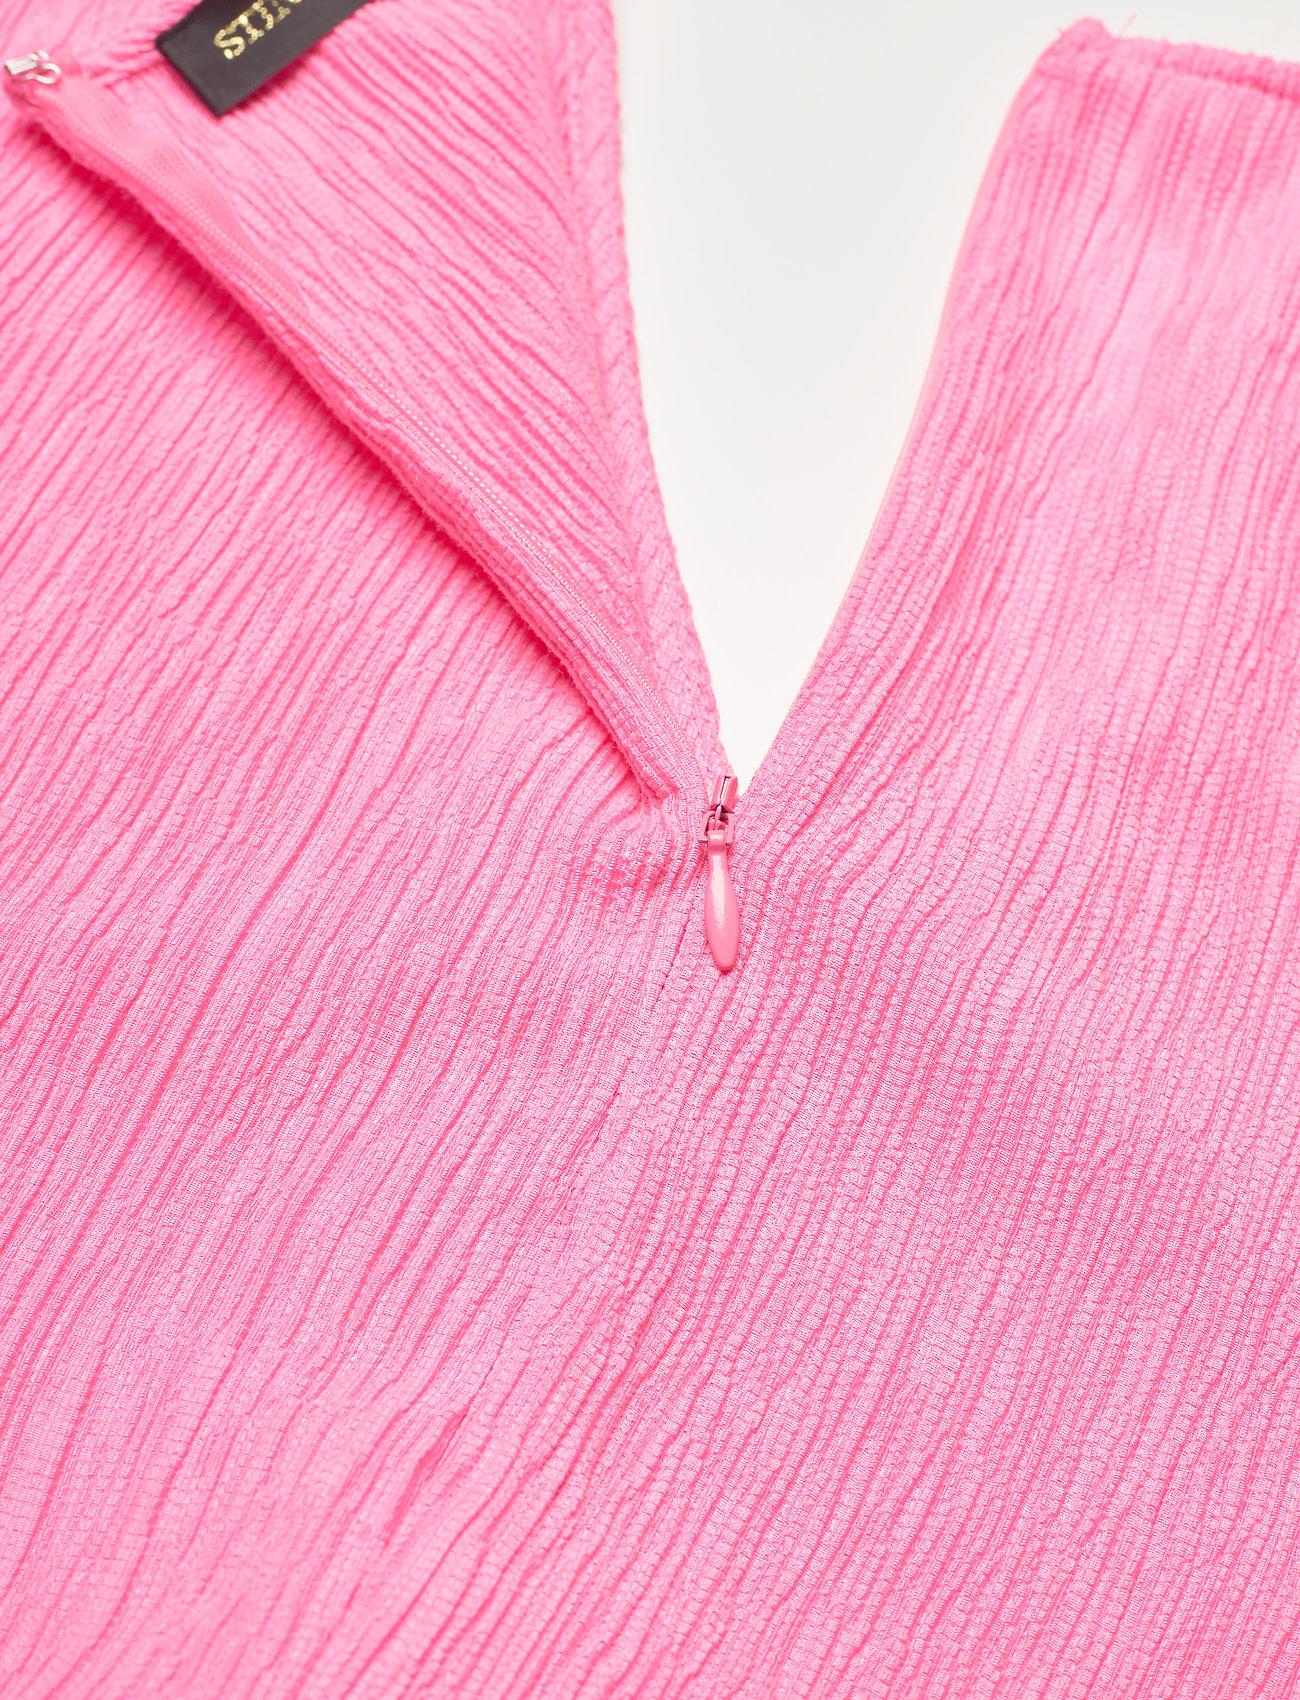 STINE GOYA - Rosen, 1213 Crinkled Tencel - sommerkjoler - pink - 4